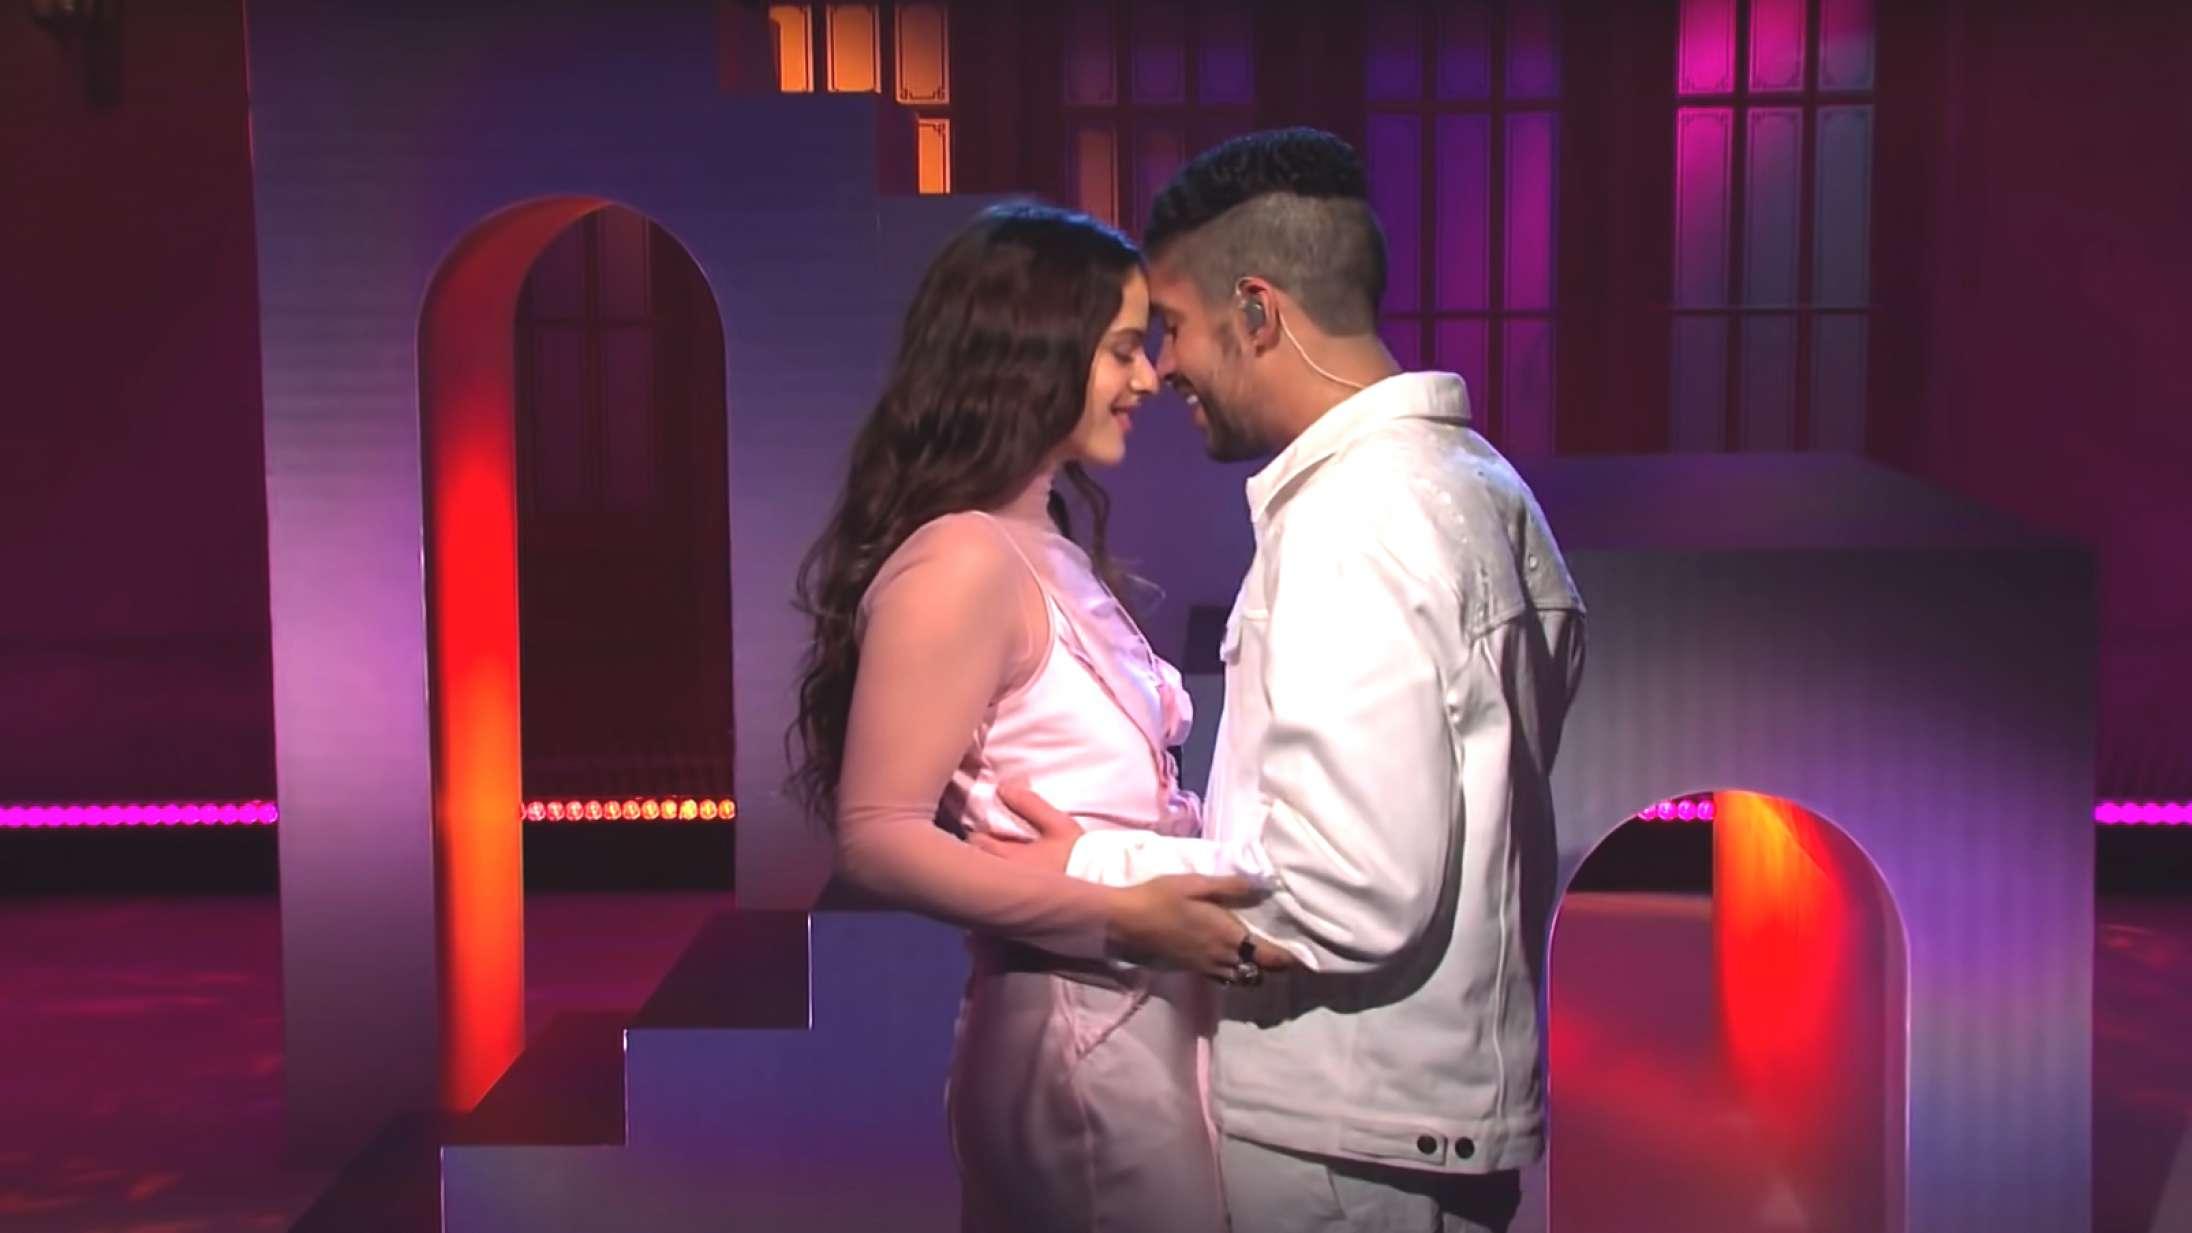 Se Bad Bunny og Rosalía skrue op for romantikken i fælles 'Saturday Night Live'-optræden